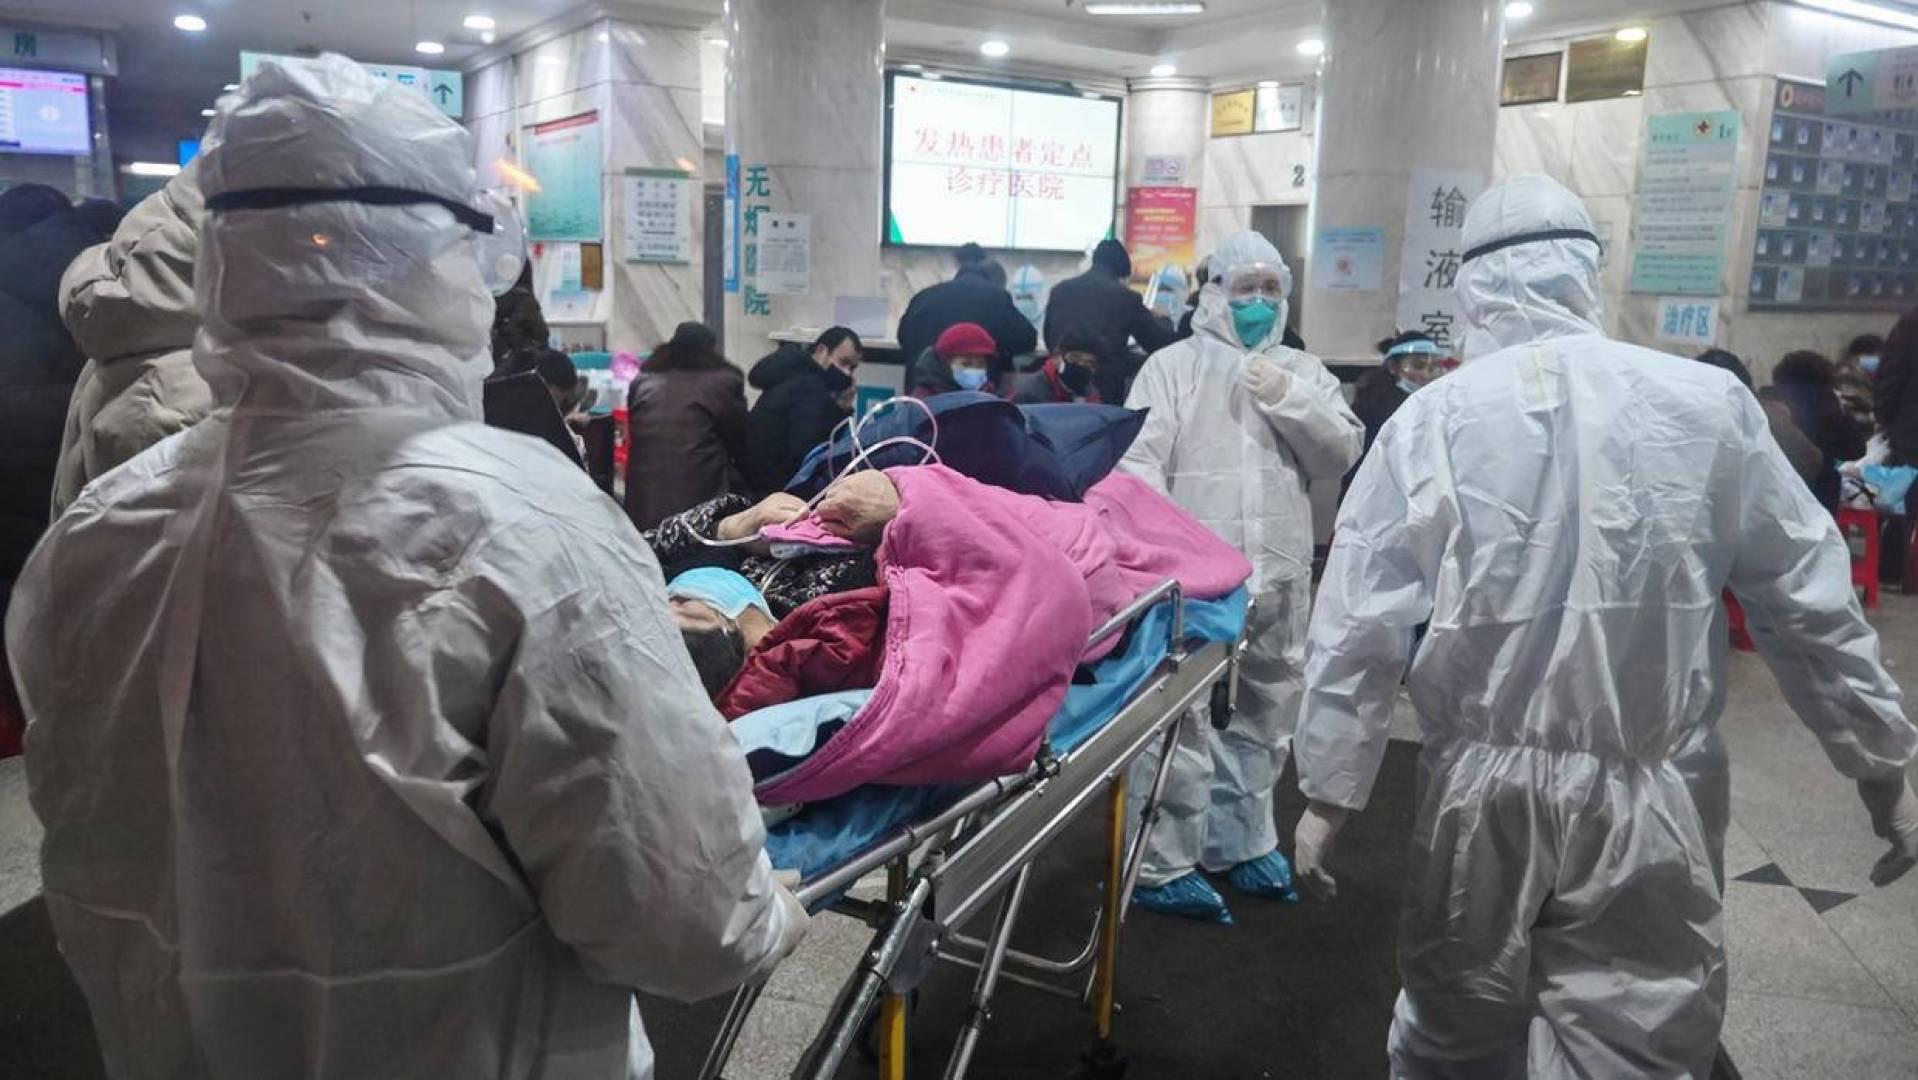 """فيروس """"كورونا"""".. ارتفاع عدد الوفيات إلى 106 والصين تخصص 9 مليارات دولار لاحتواء المرض"""